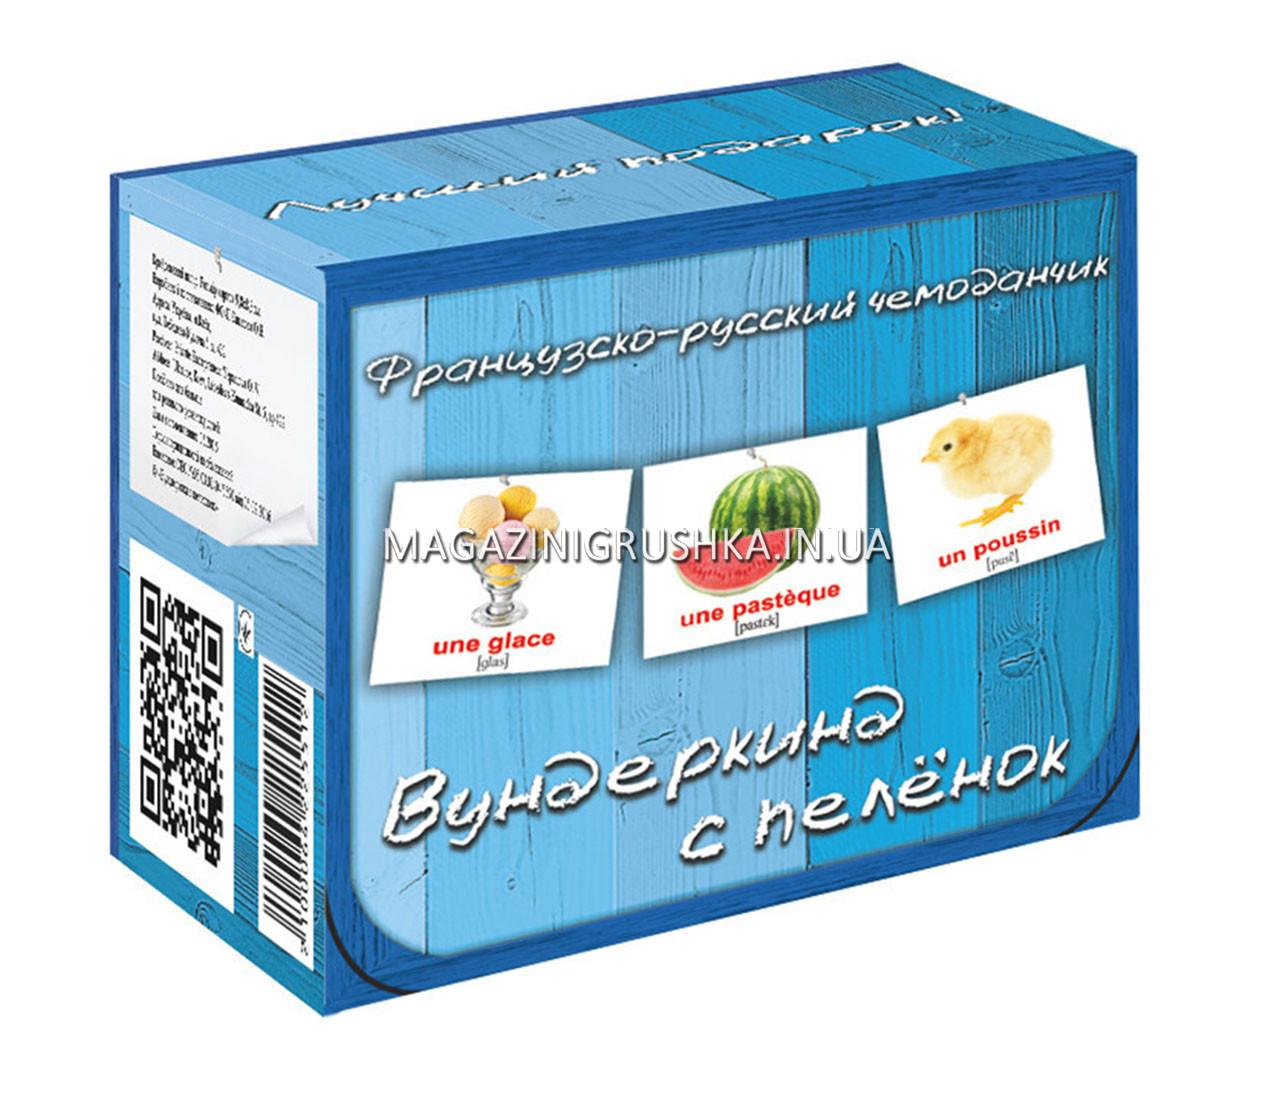 Развивающая игра Карточки Домана Французско-русский чемоданчик «Вундеркинд с пеленок» - 10 наборов арт. 225512